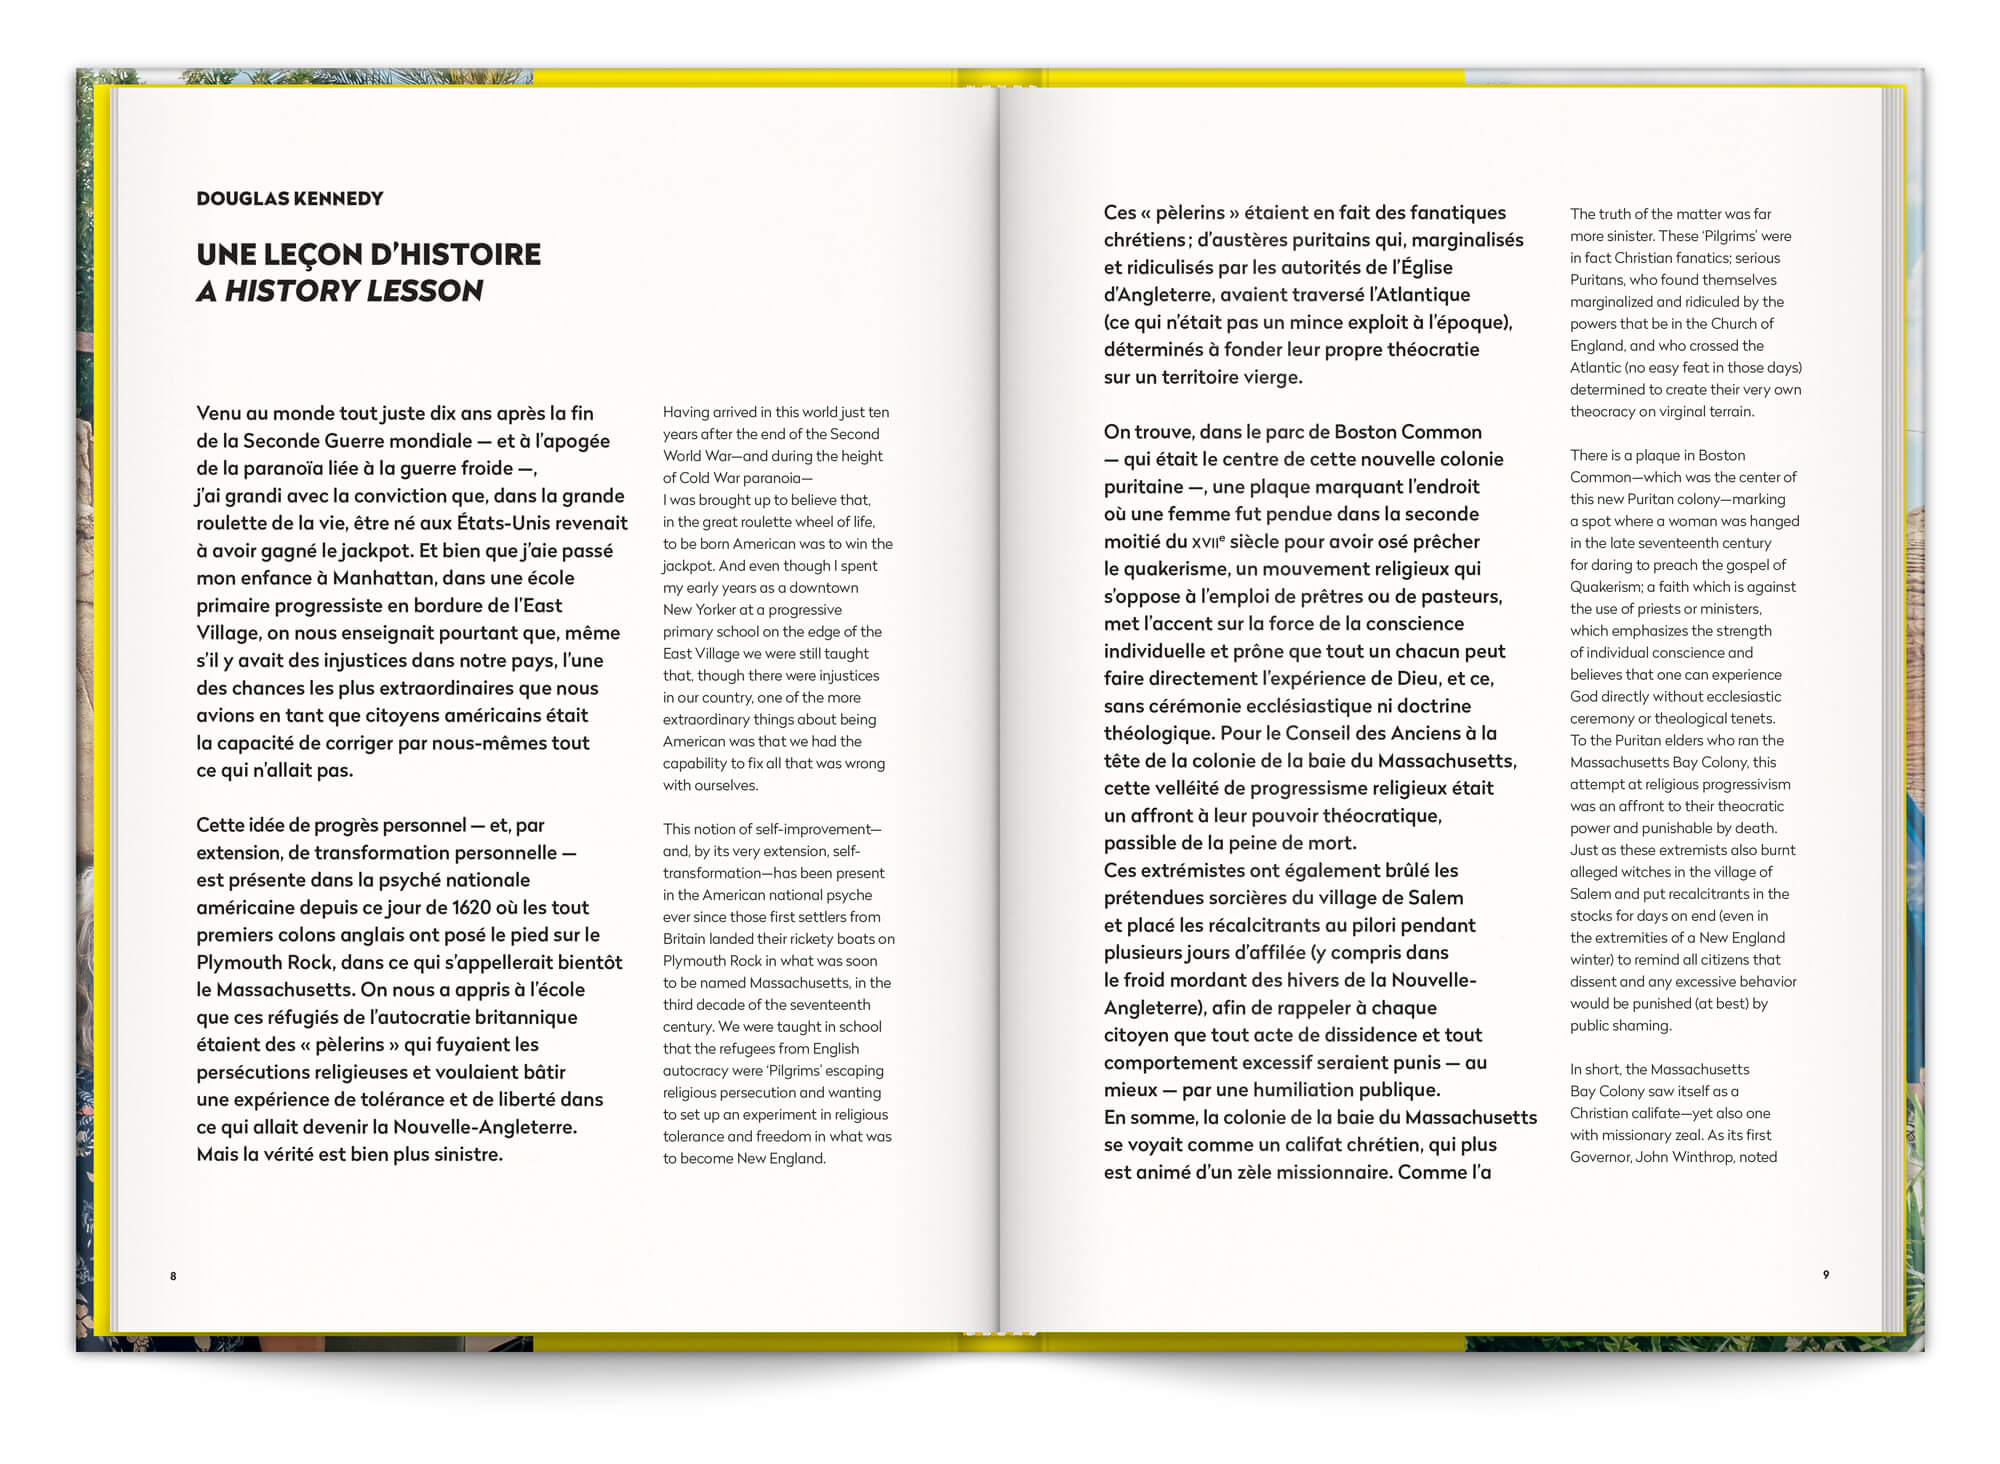 La préface de Douglas Kennedy, une leçon d'histoire, dans le livre in God we Trust de Cyril Abad aux éditions Pyramyd et Revelatœr, design graphique IchetKar